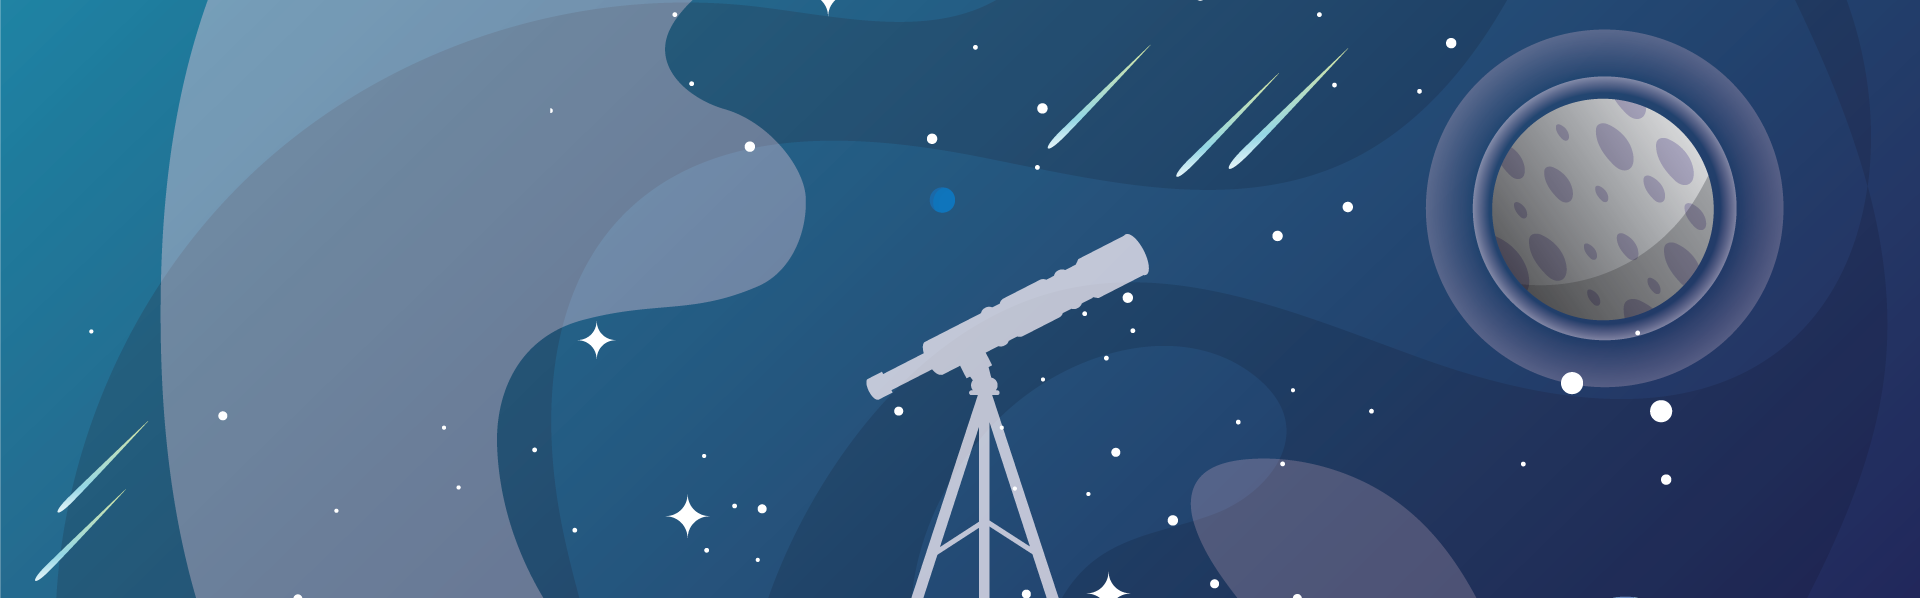 Vení a pasar el Día de Niño en el Planetario